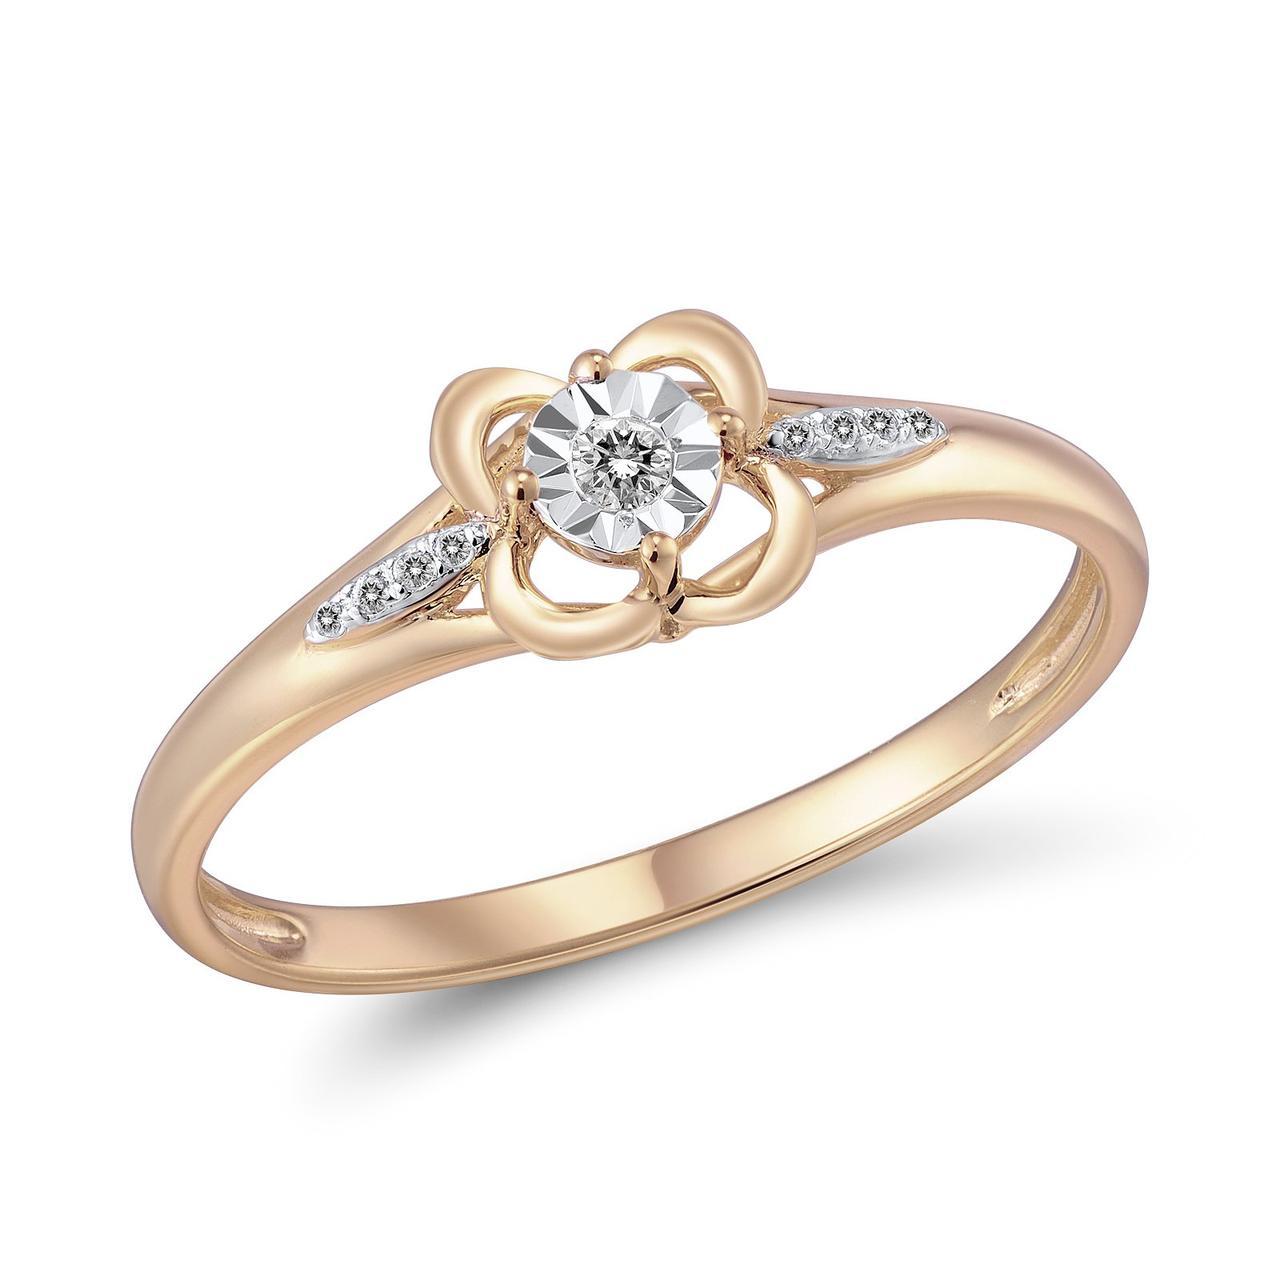 Золотое кольцо с бриллиантами, размер 17.5 (562971)